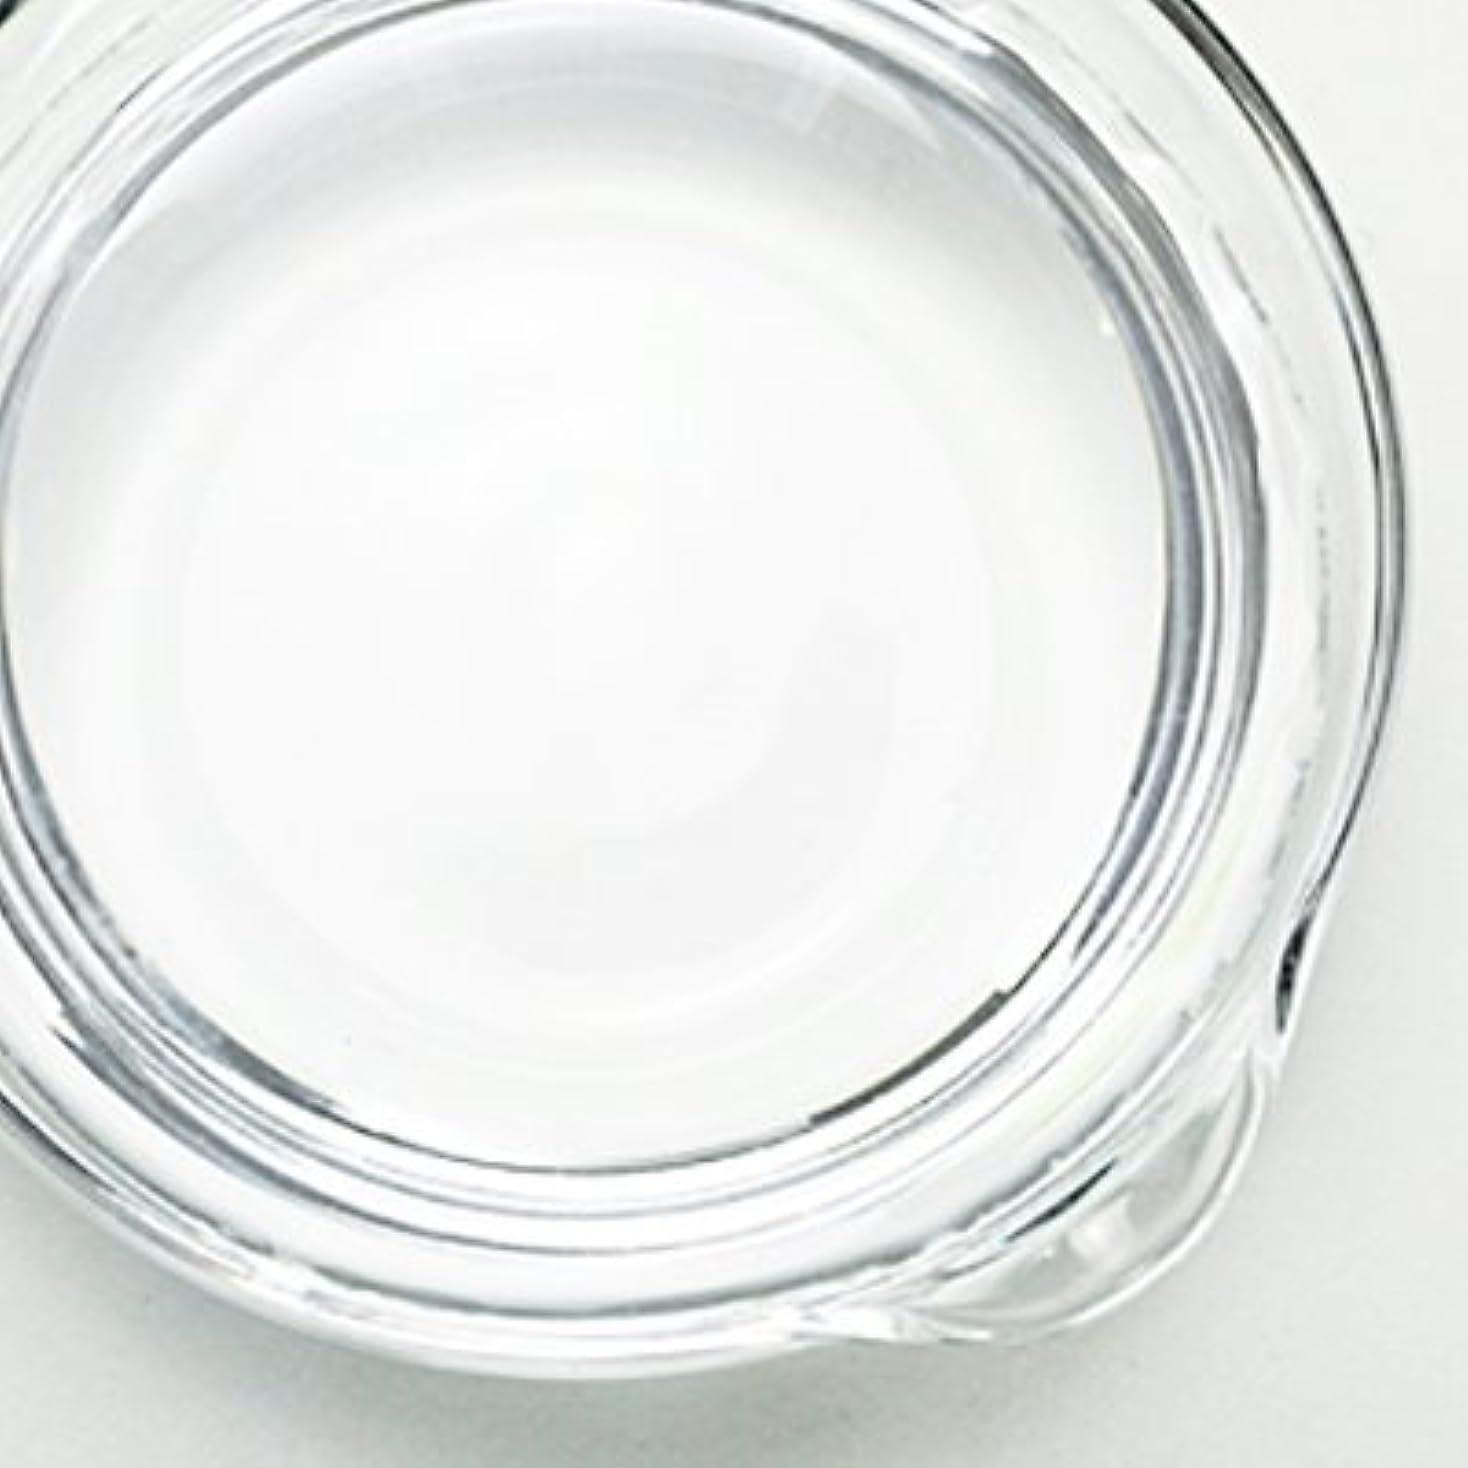 パワーセルワット無数の1,3-ブチレングリコール[BG] 250ml 【手作り石鹸/手作りコスメ】